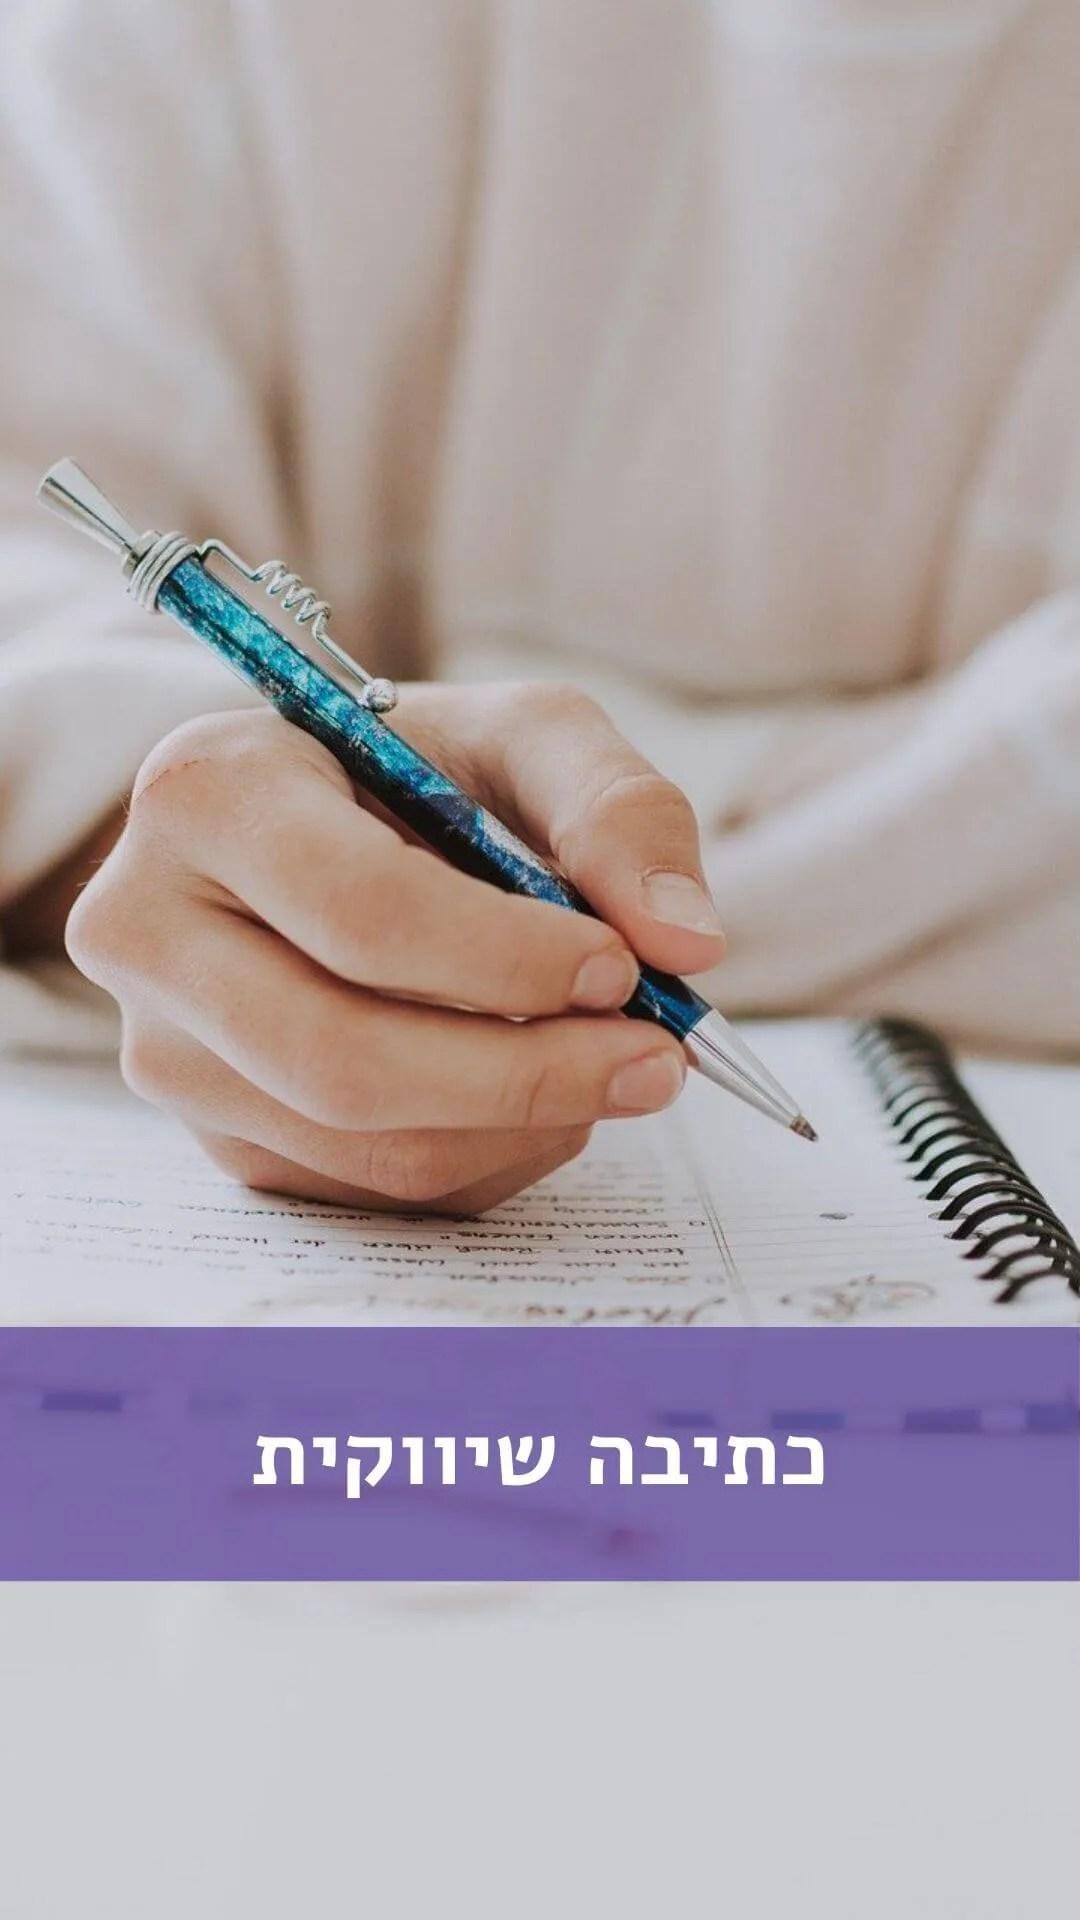 סדנת כתיבה שיווקית